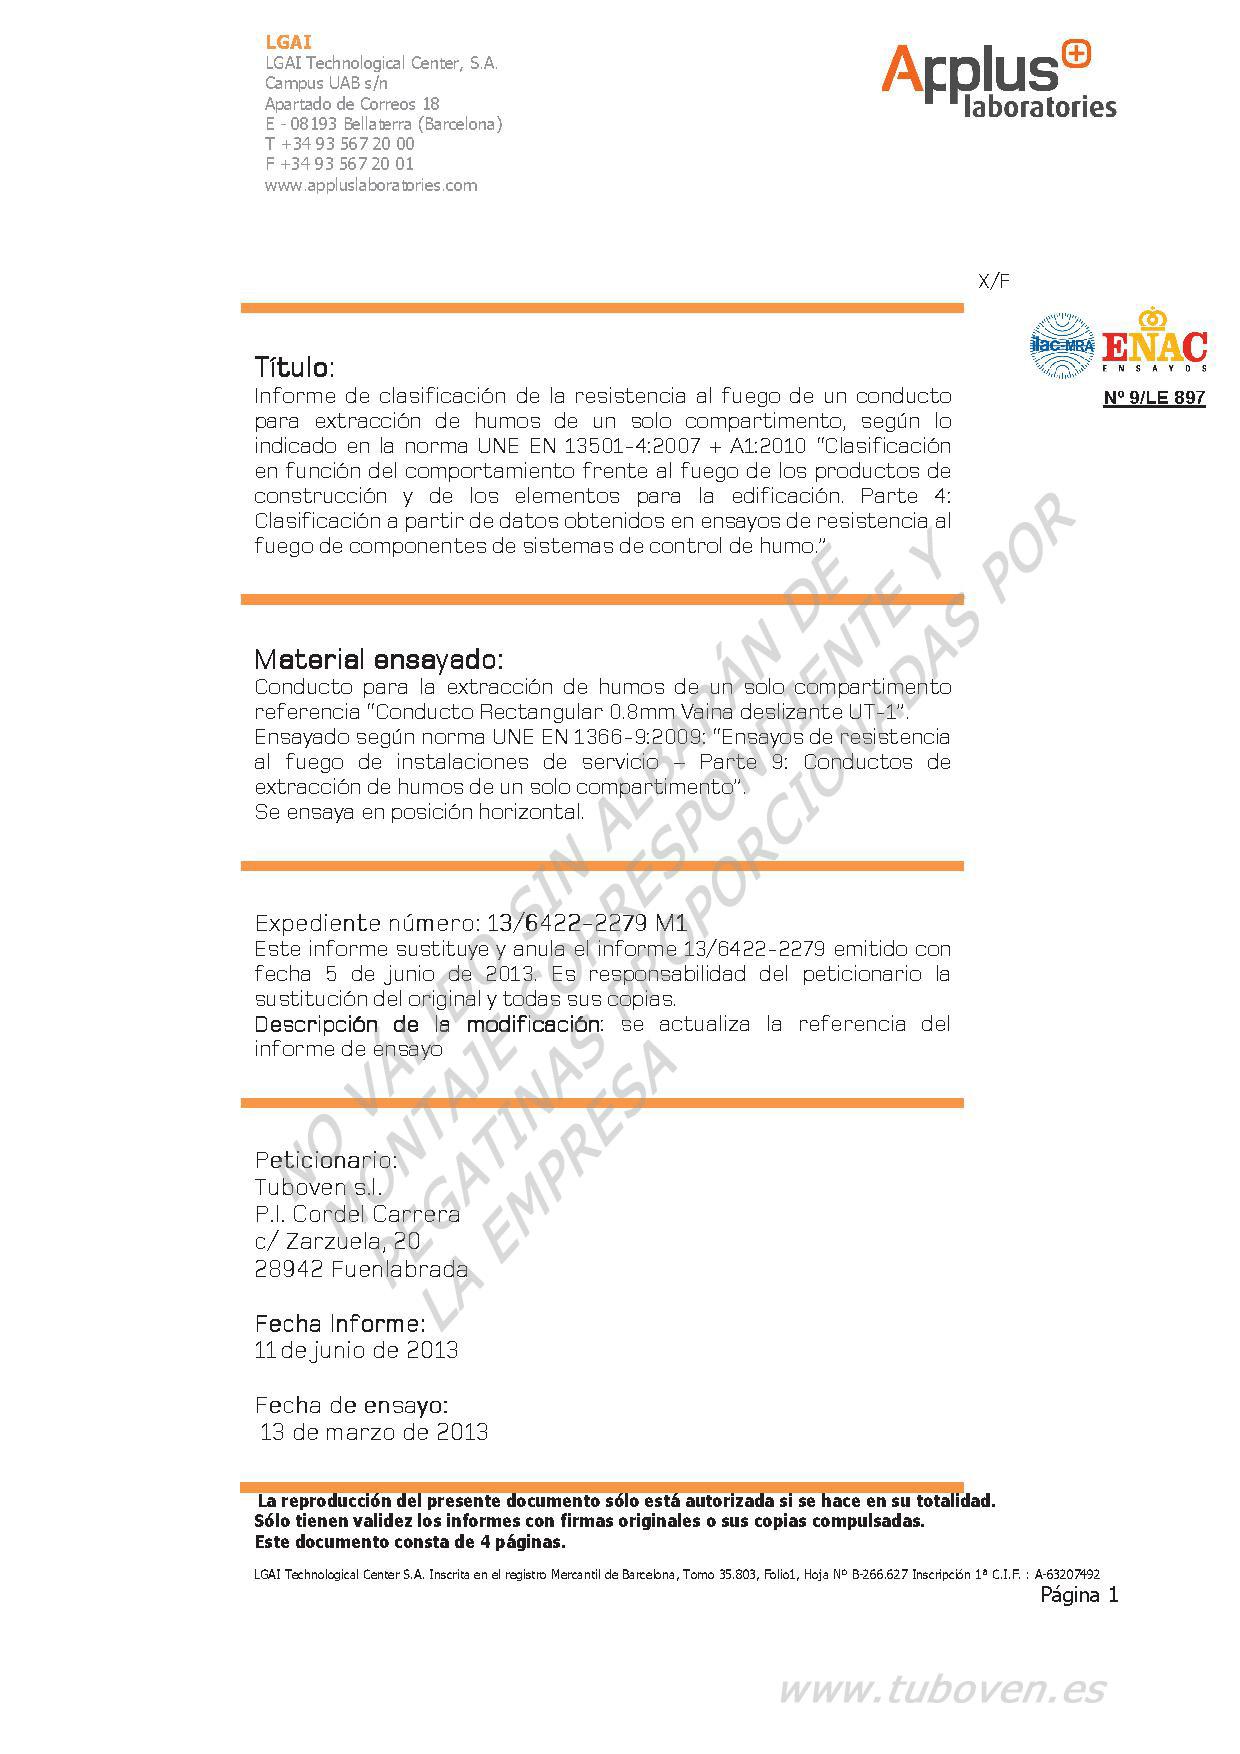 13-6422-2279 M1 TUBOVEN - Informe Clasificación 0.8 mm